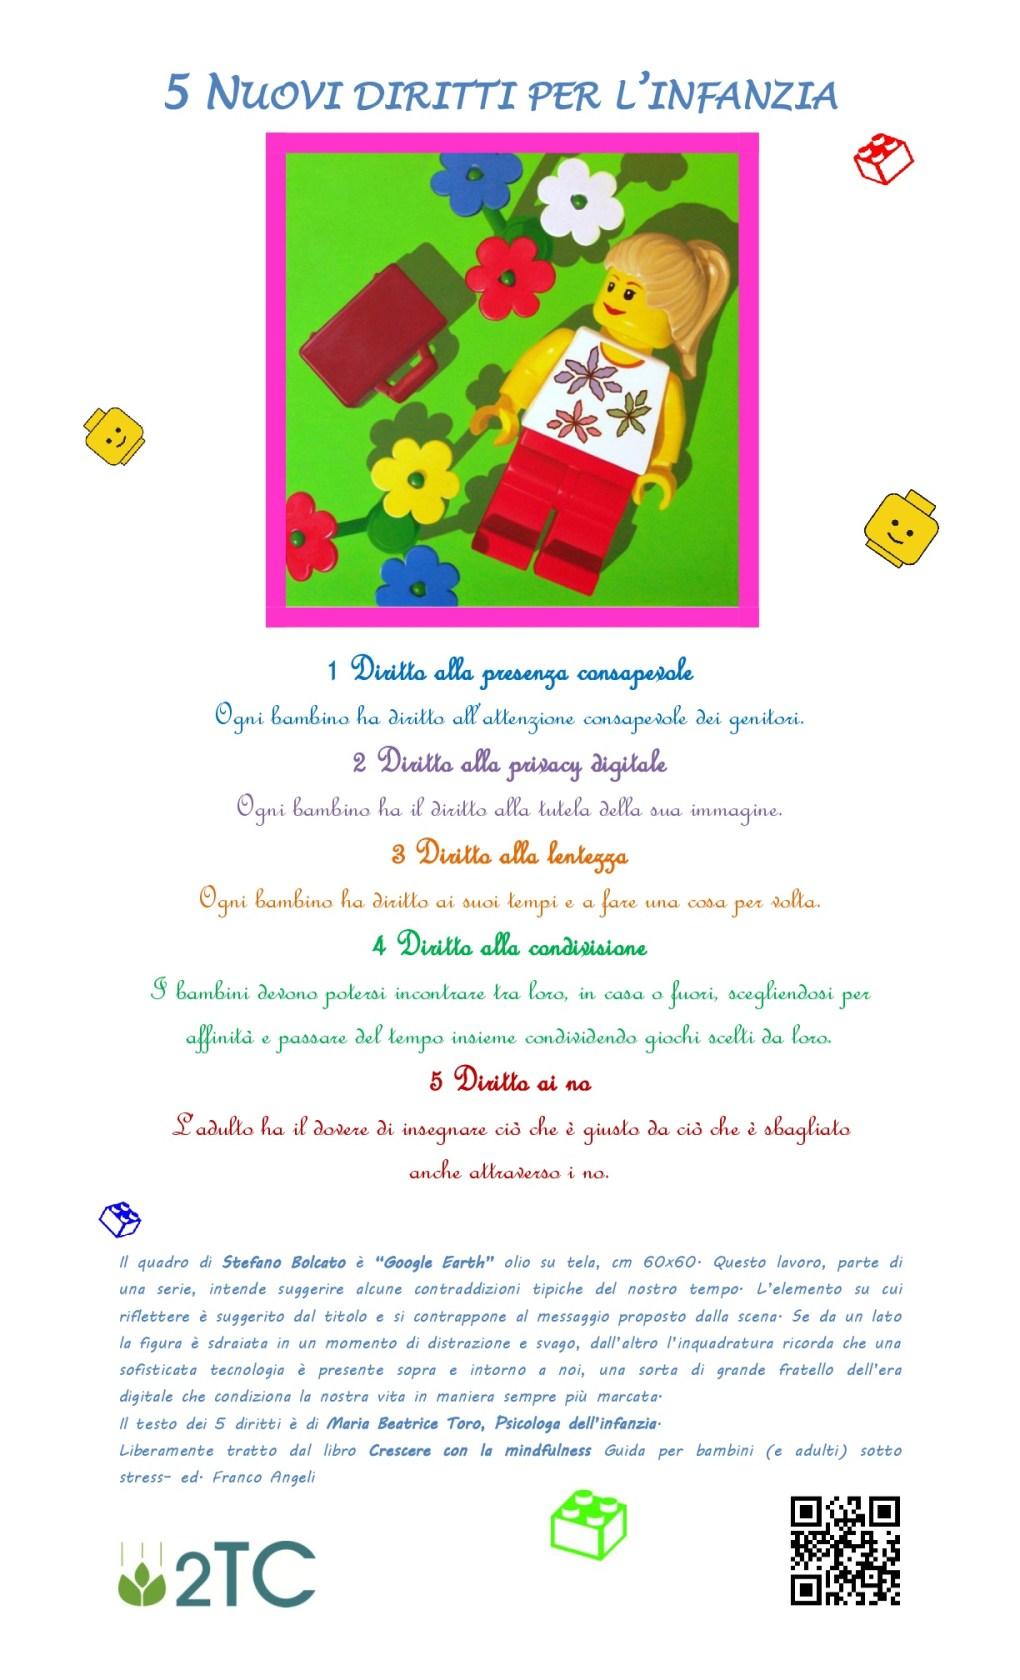 5-nuovi-diritti-infanzia-def-001